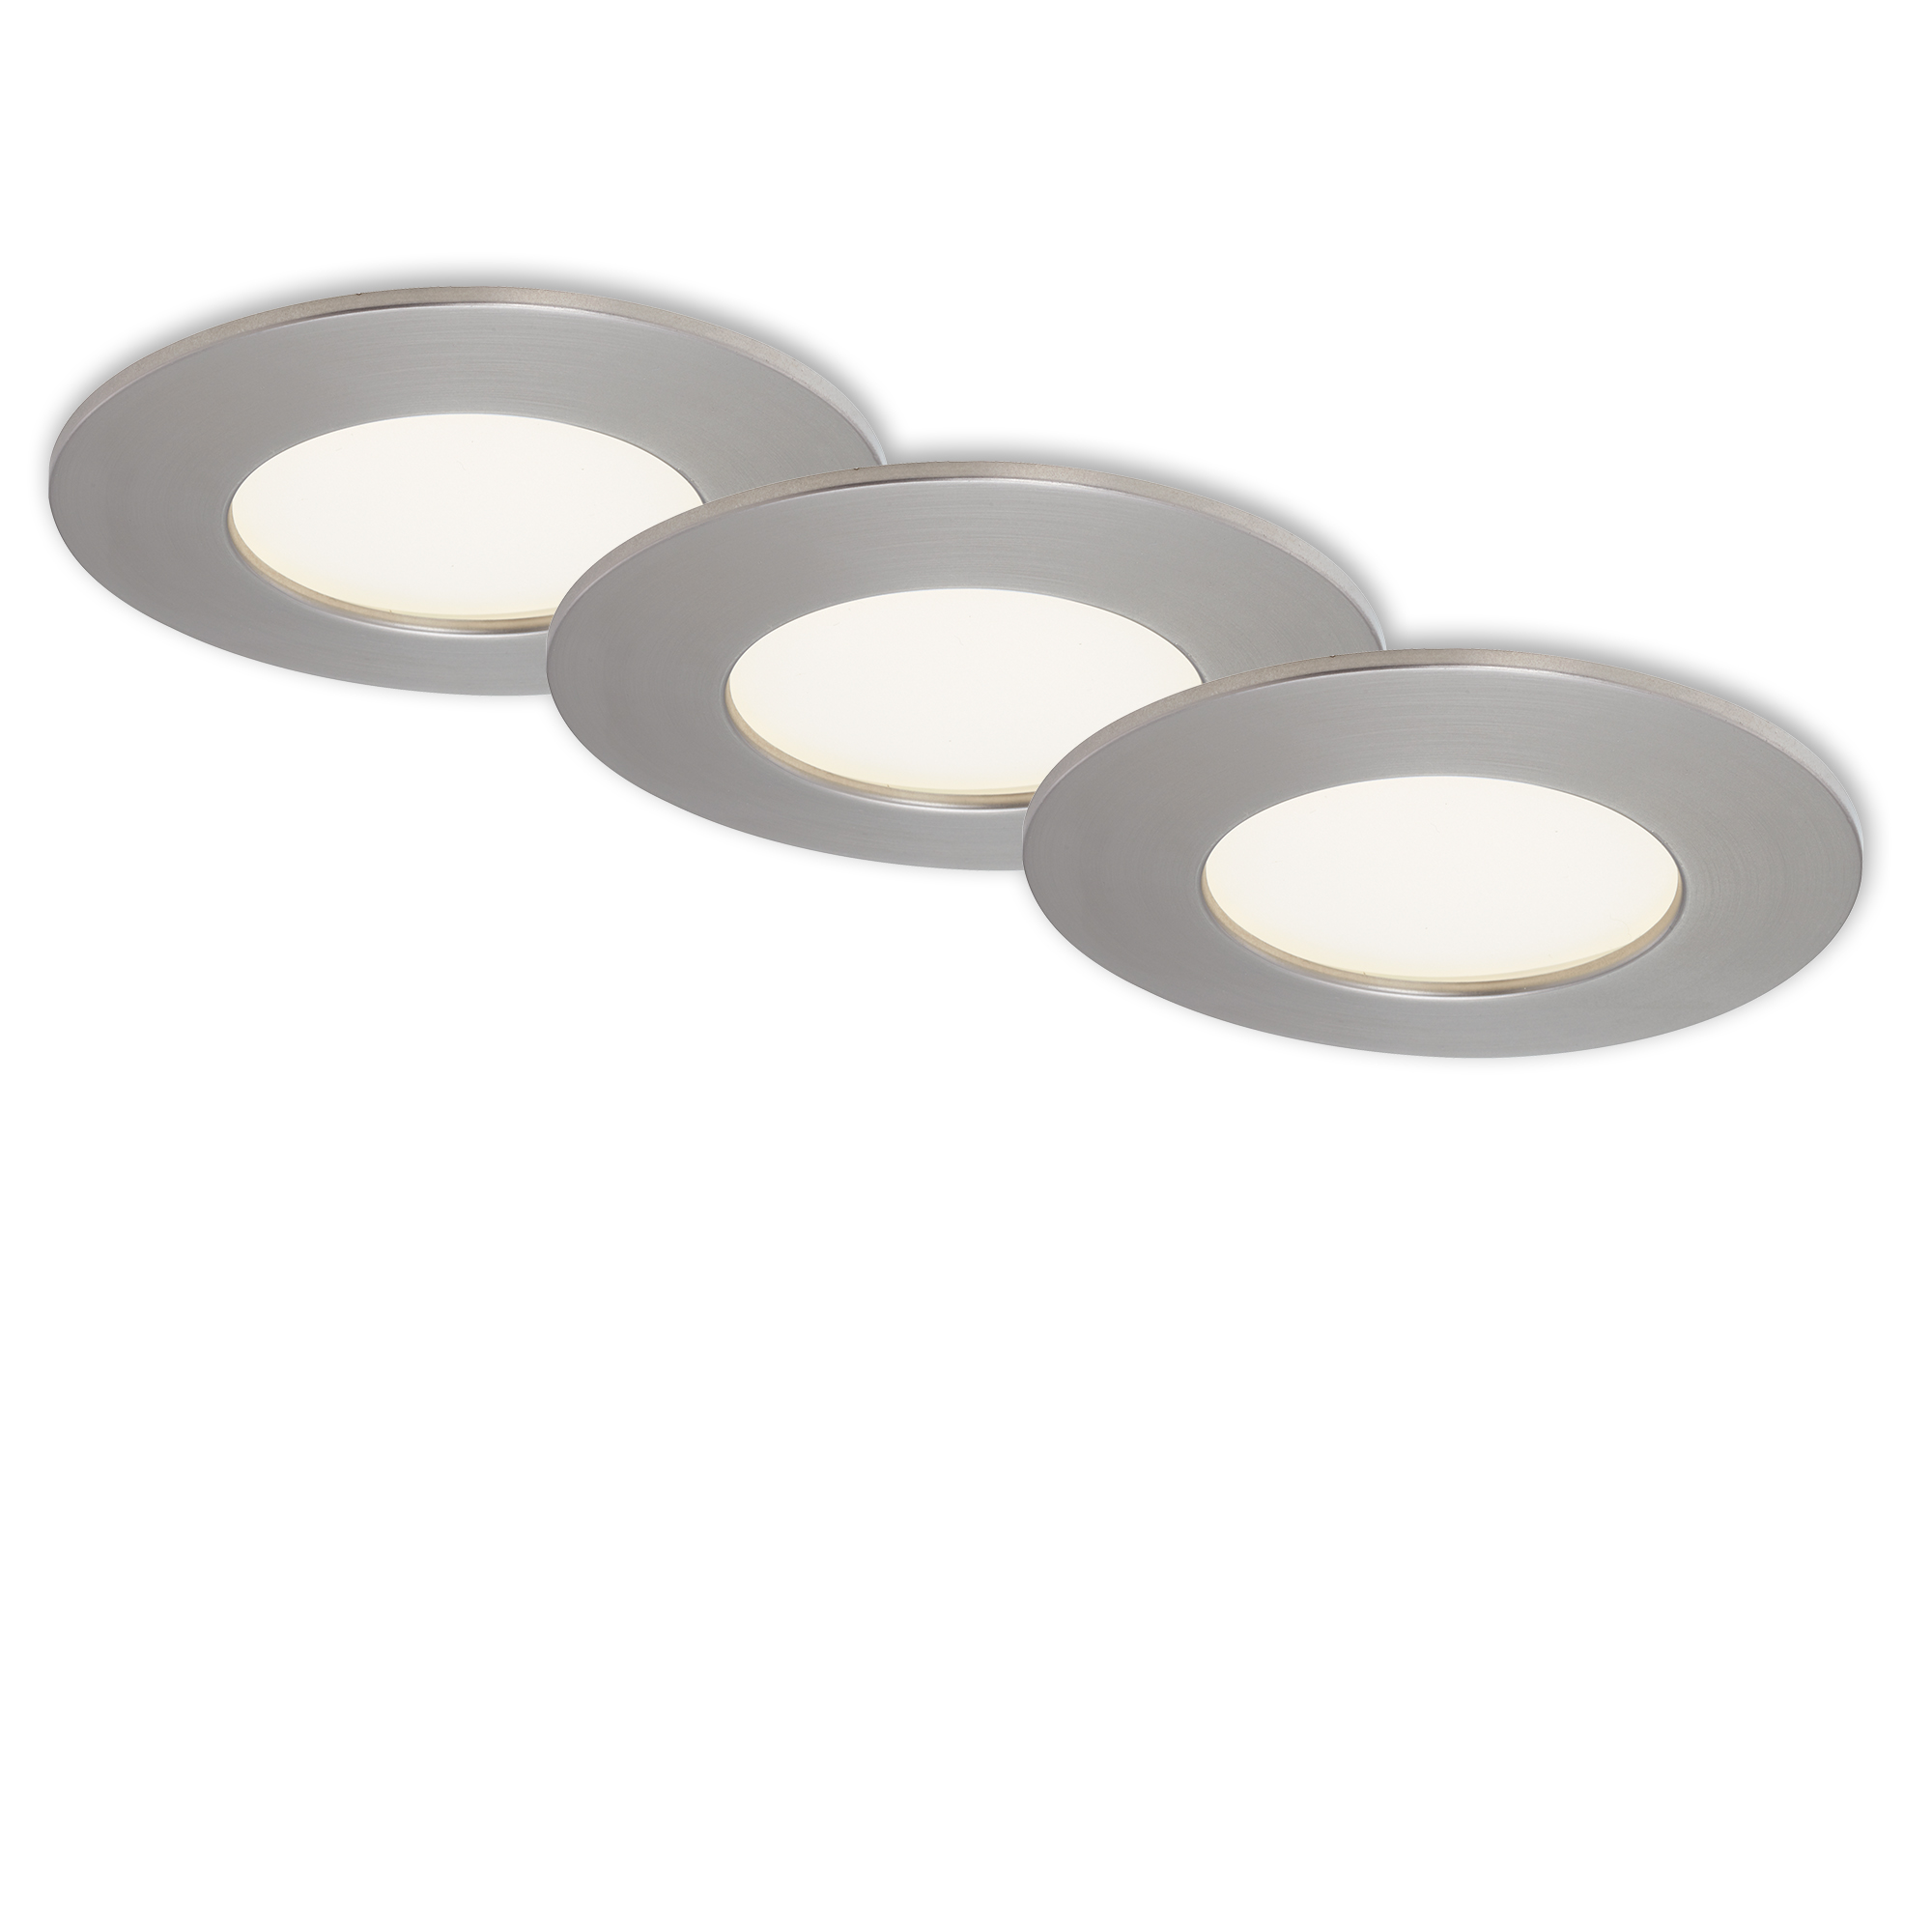 3er Set LED Einbauleuchte, Ø 8,5 cm, 4,8 W, Matt-Nickel